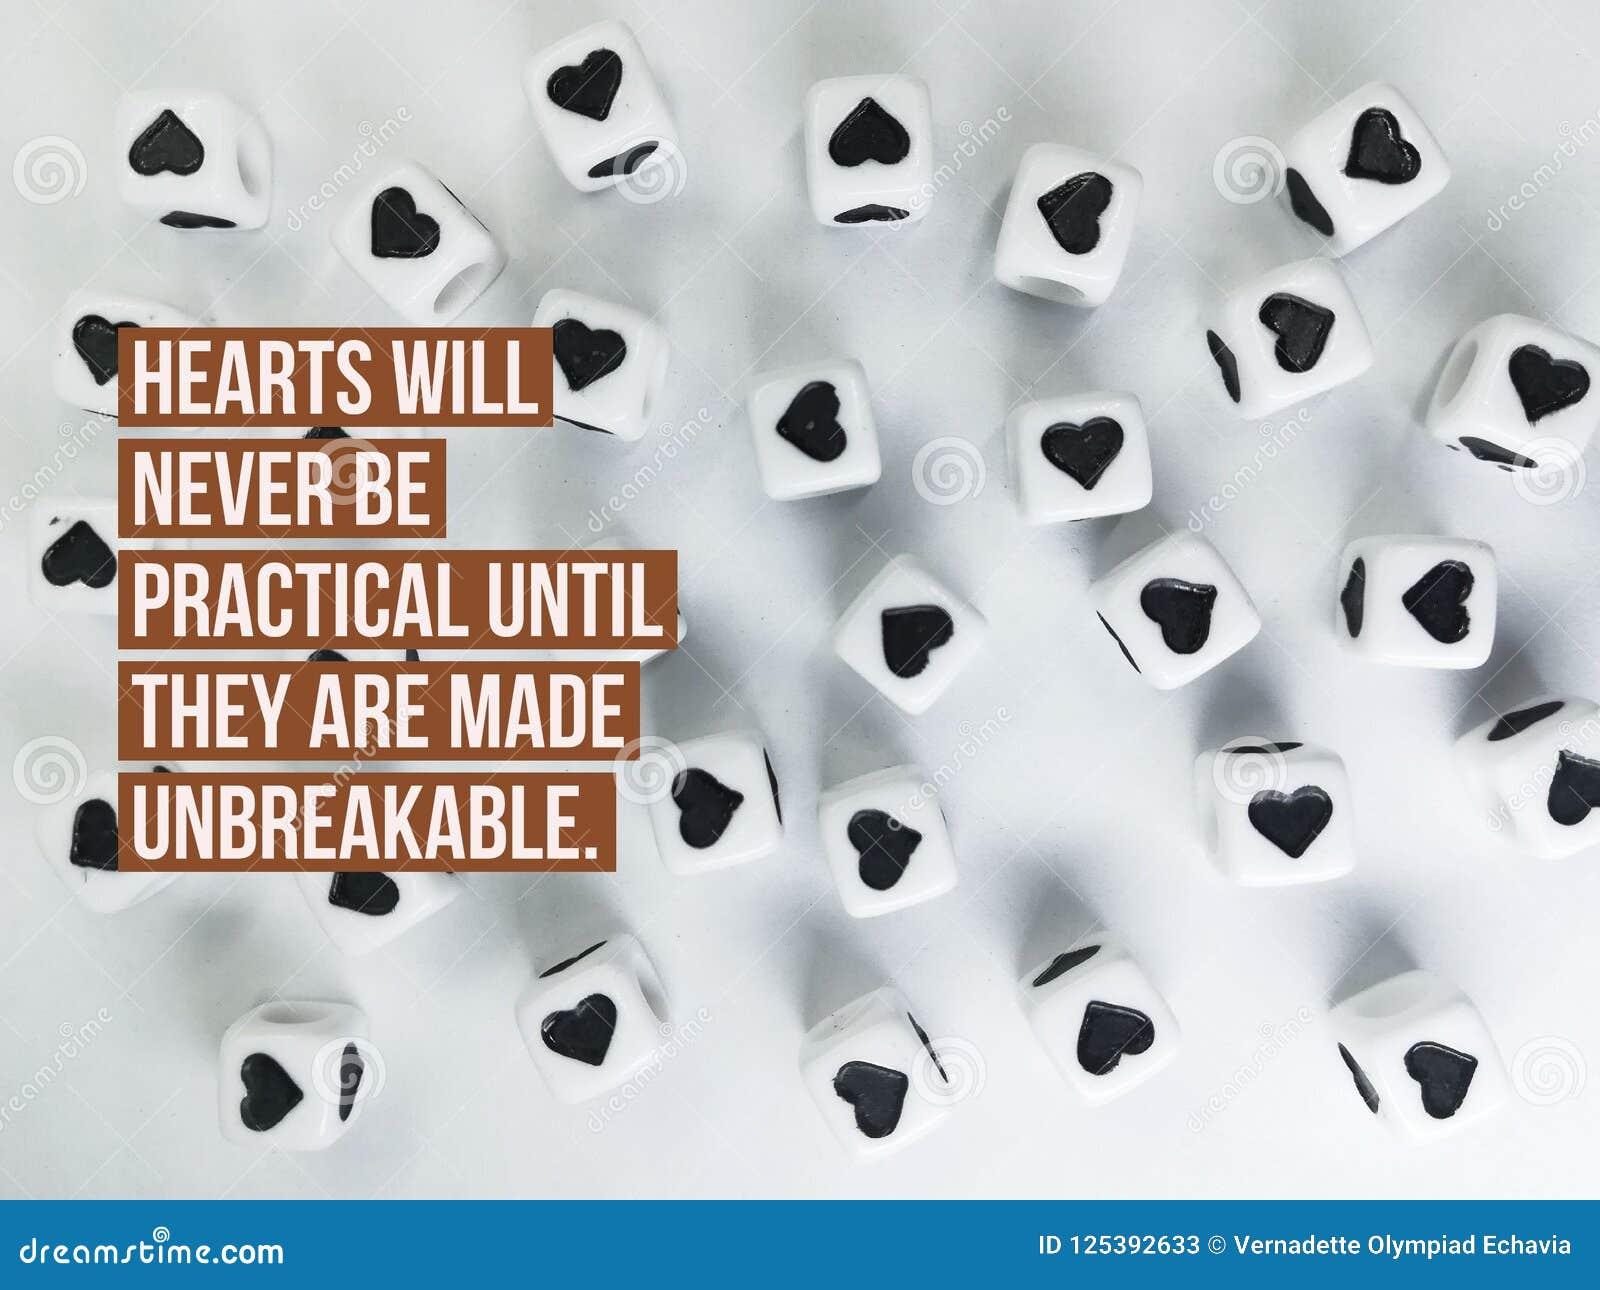 De harten zullen nooit praktisch zijn tot zij tot onverbrekelijk citaat worden gemaakt